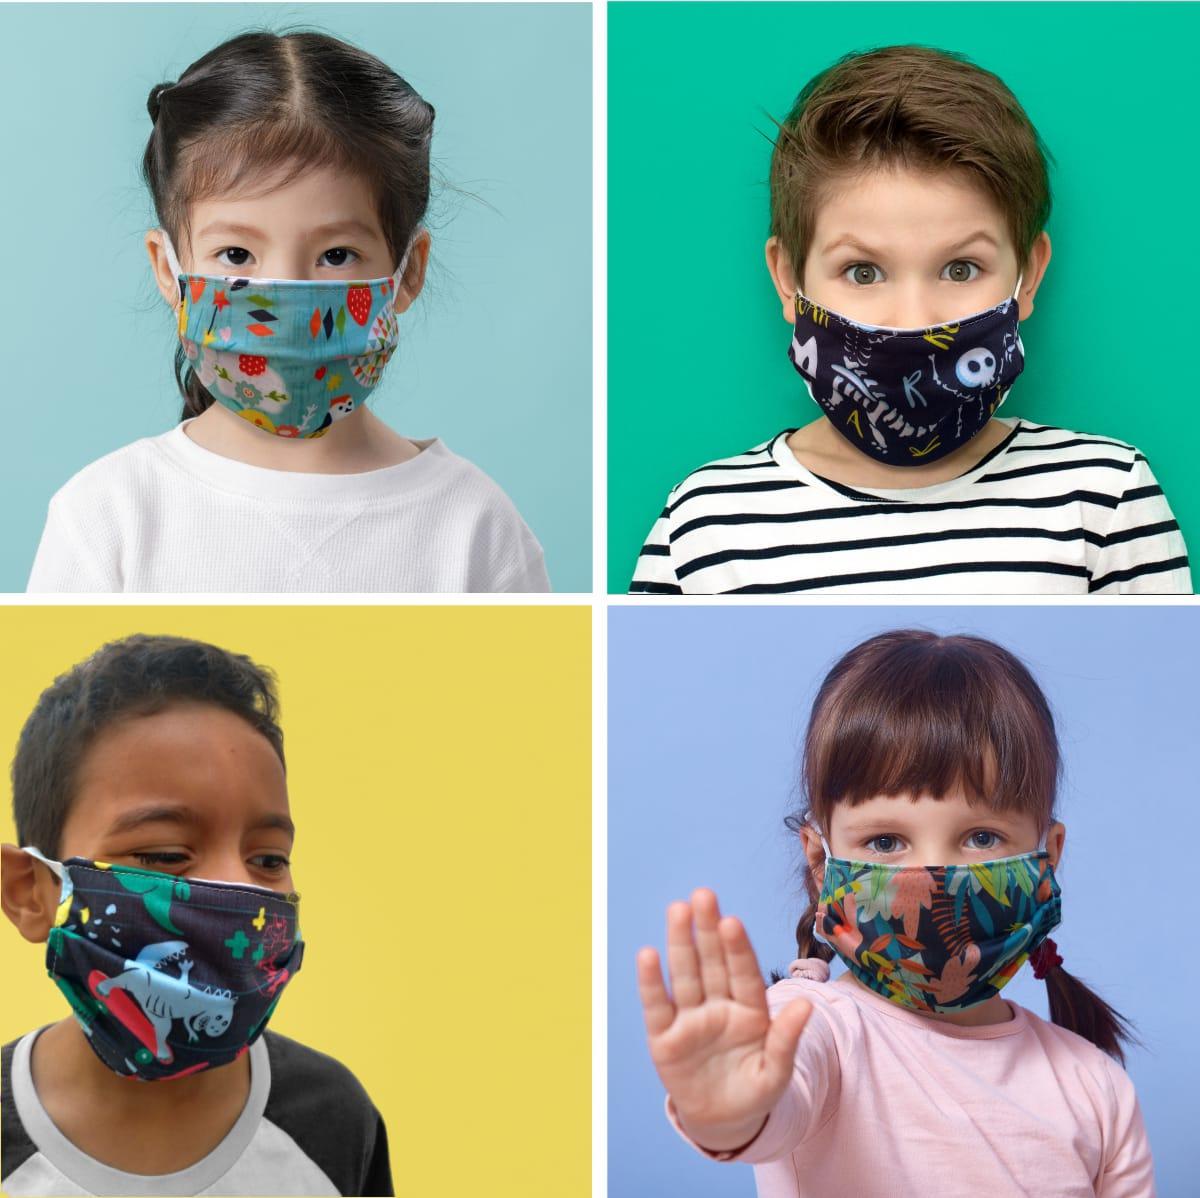 Kit 2 máscaras de proteção tecido infantil - 2 unidades